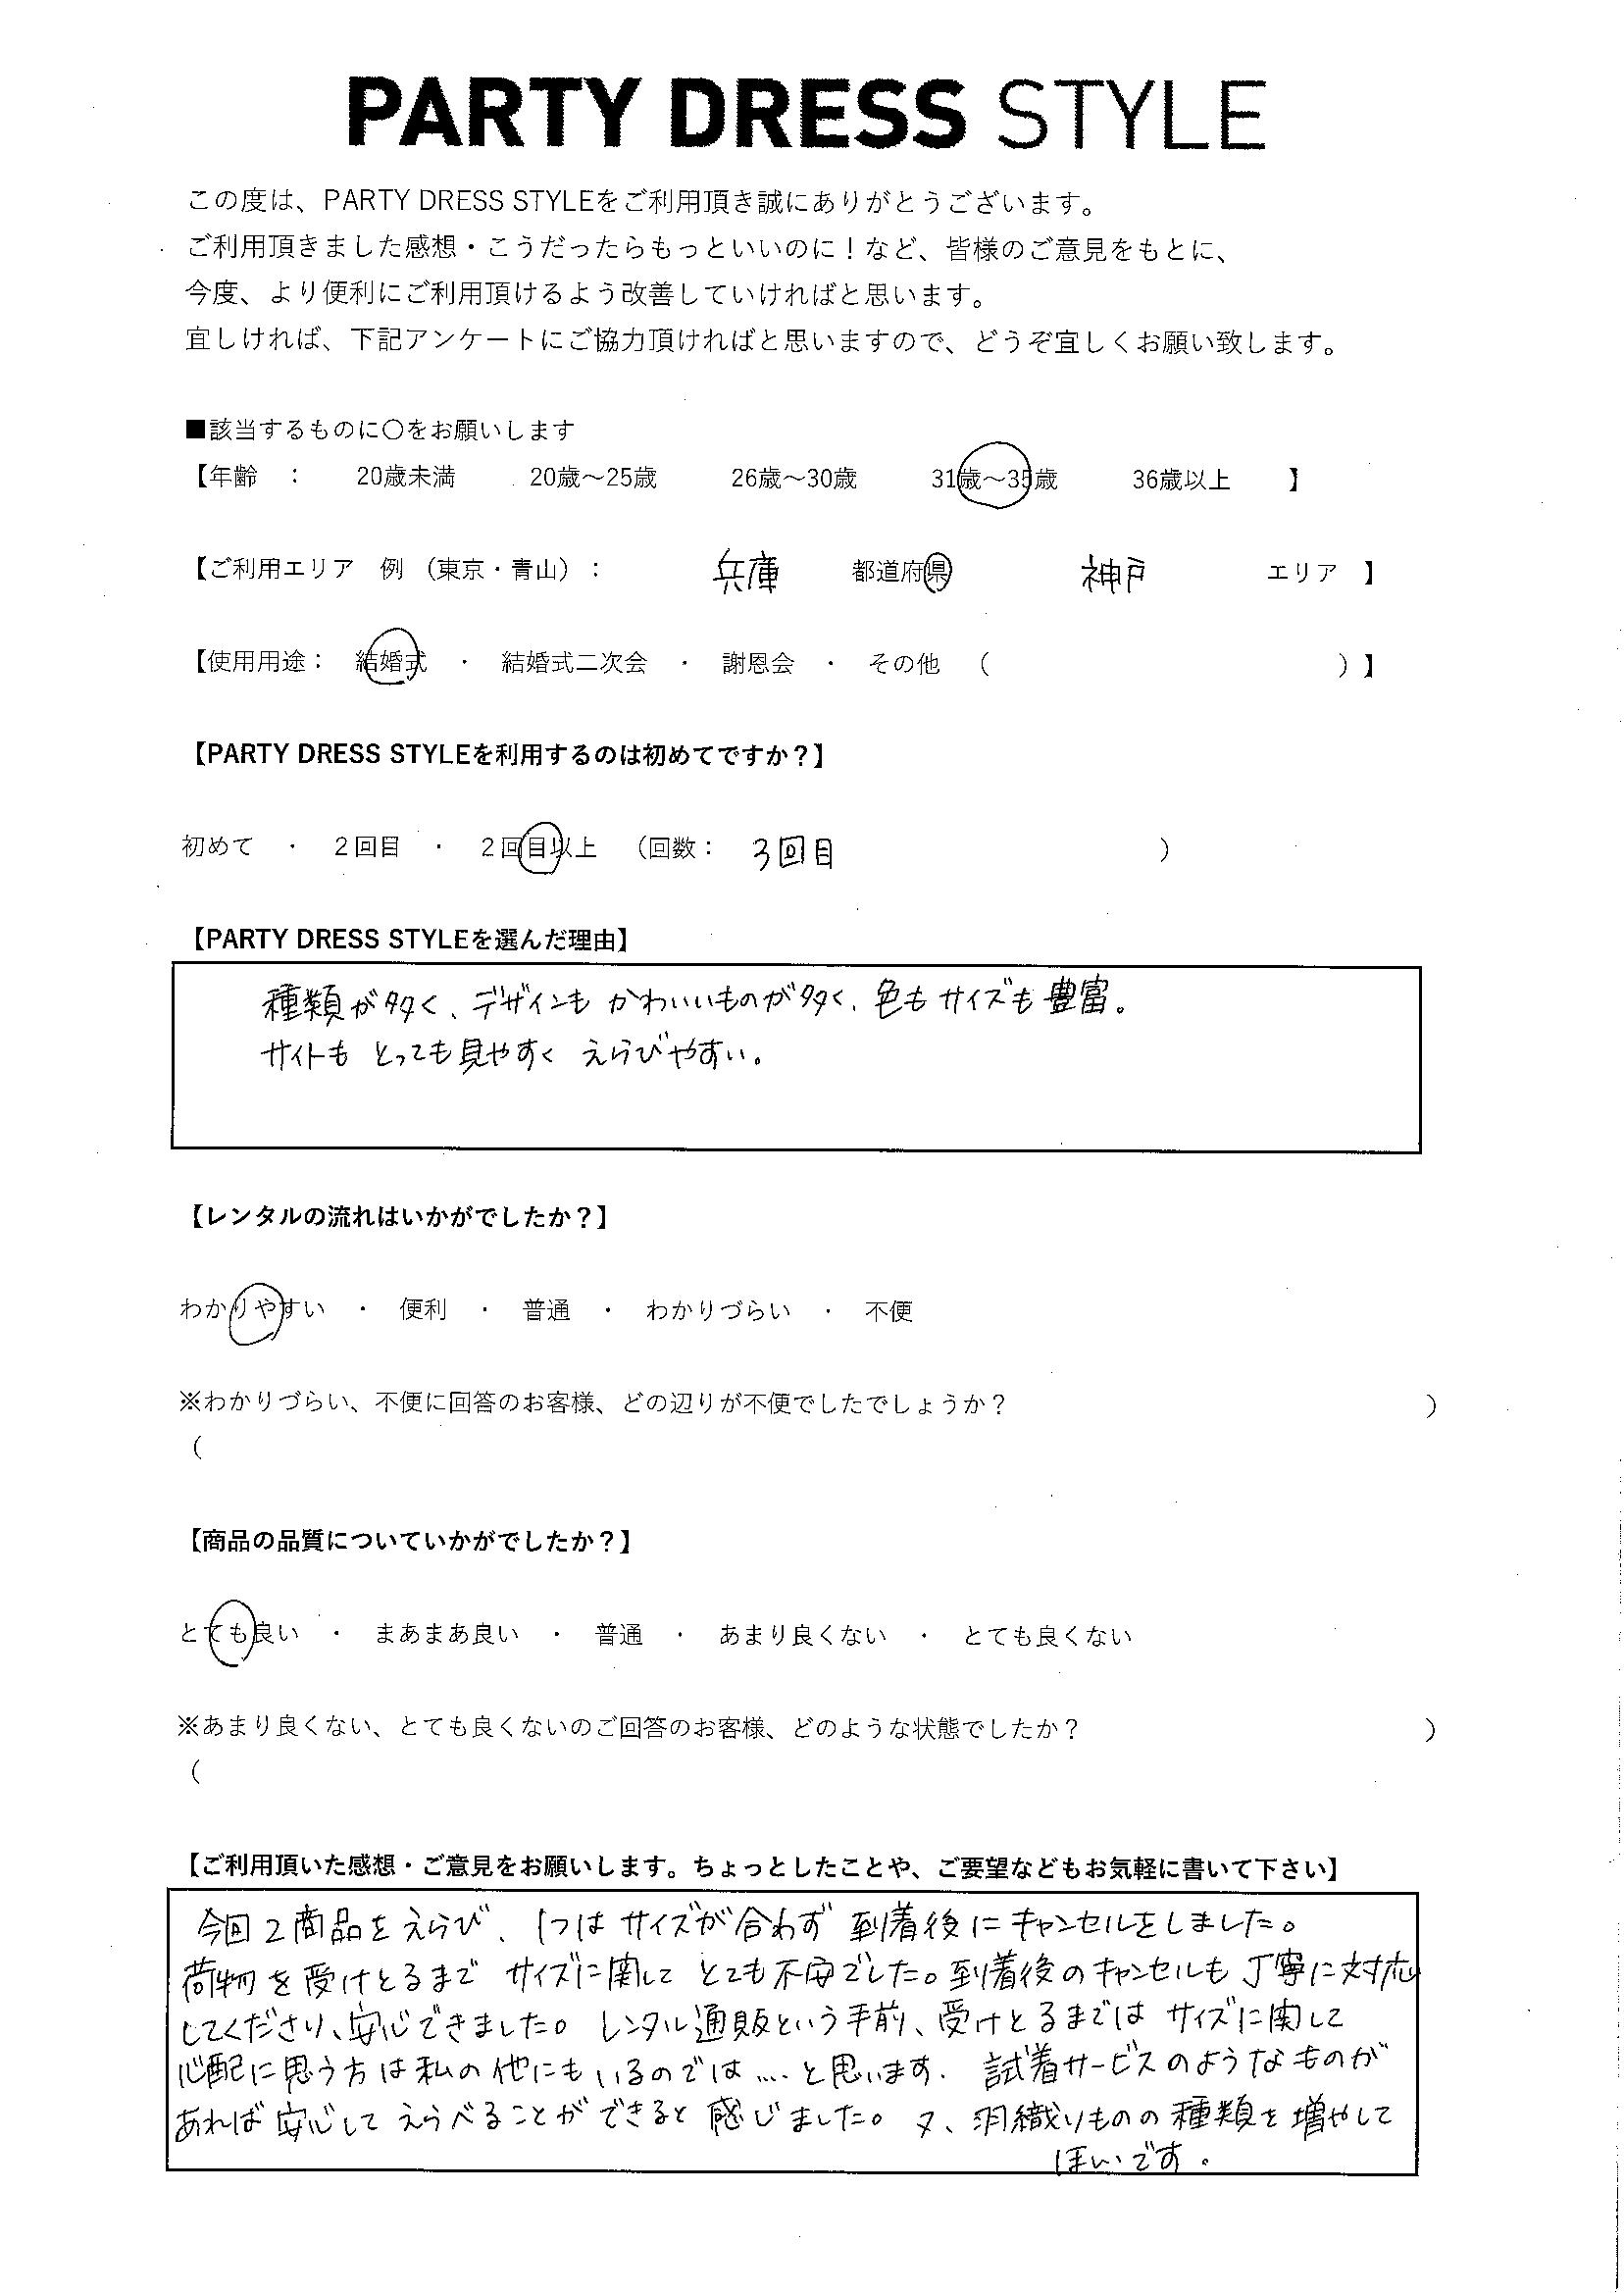 1/27 結婚式 兵庫・神戸エリア